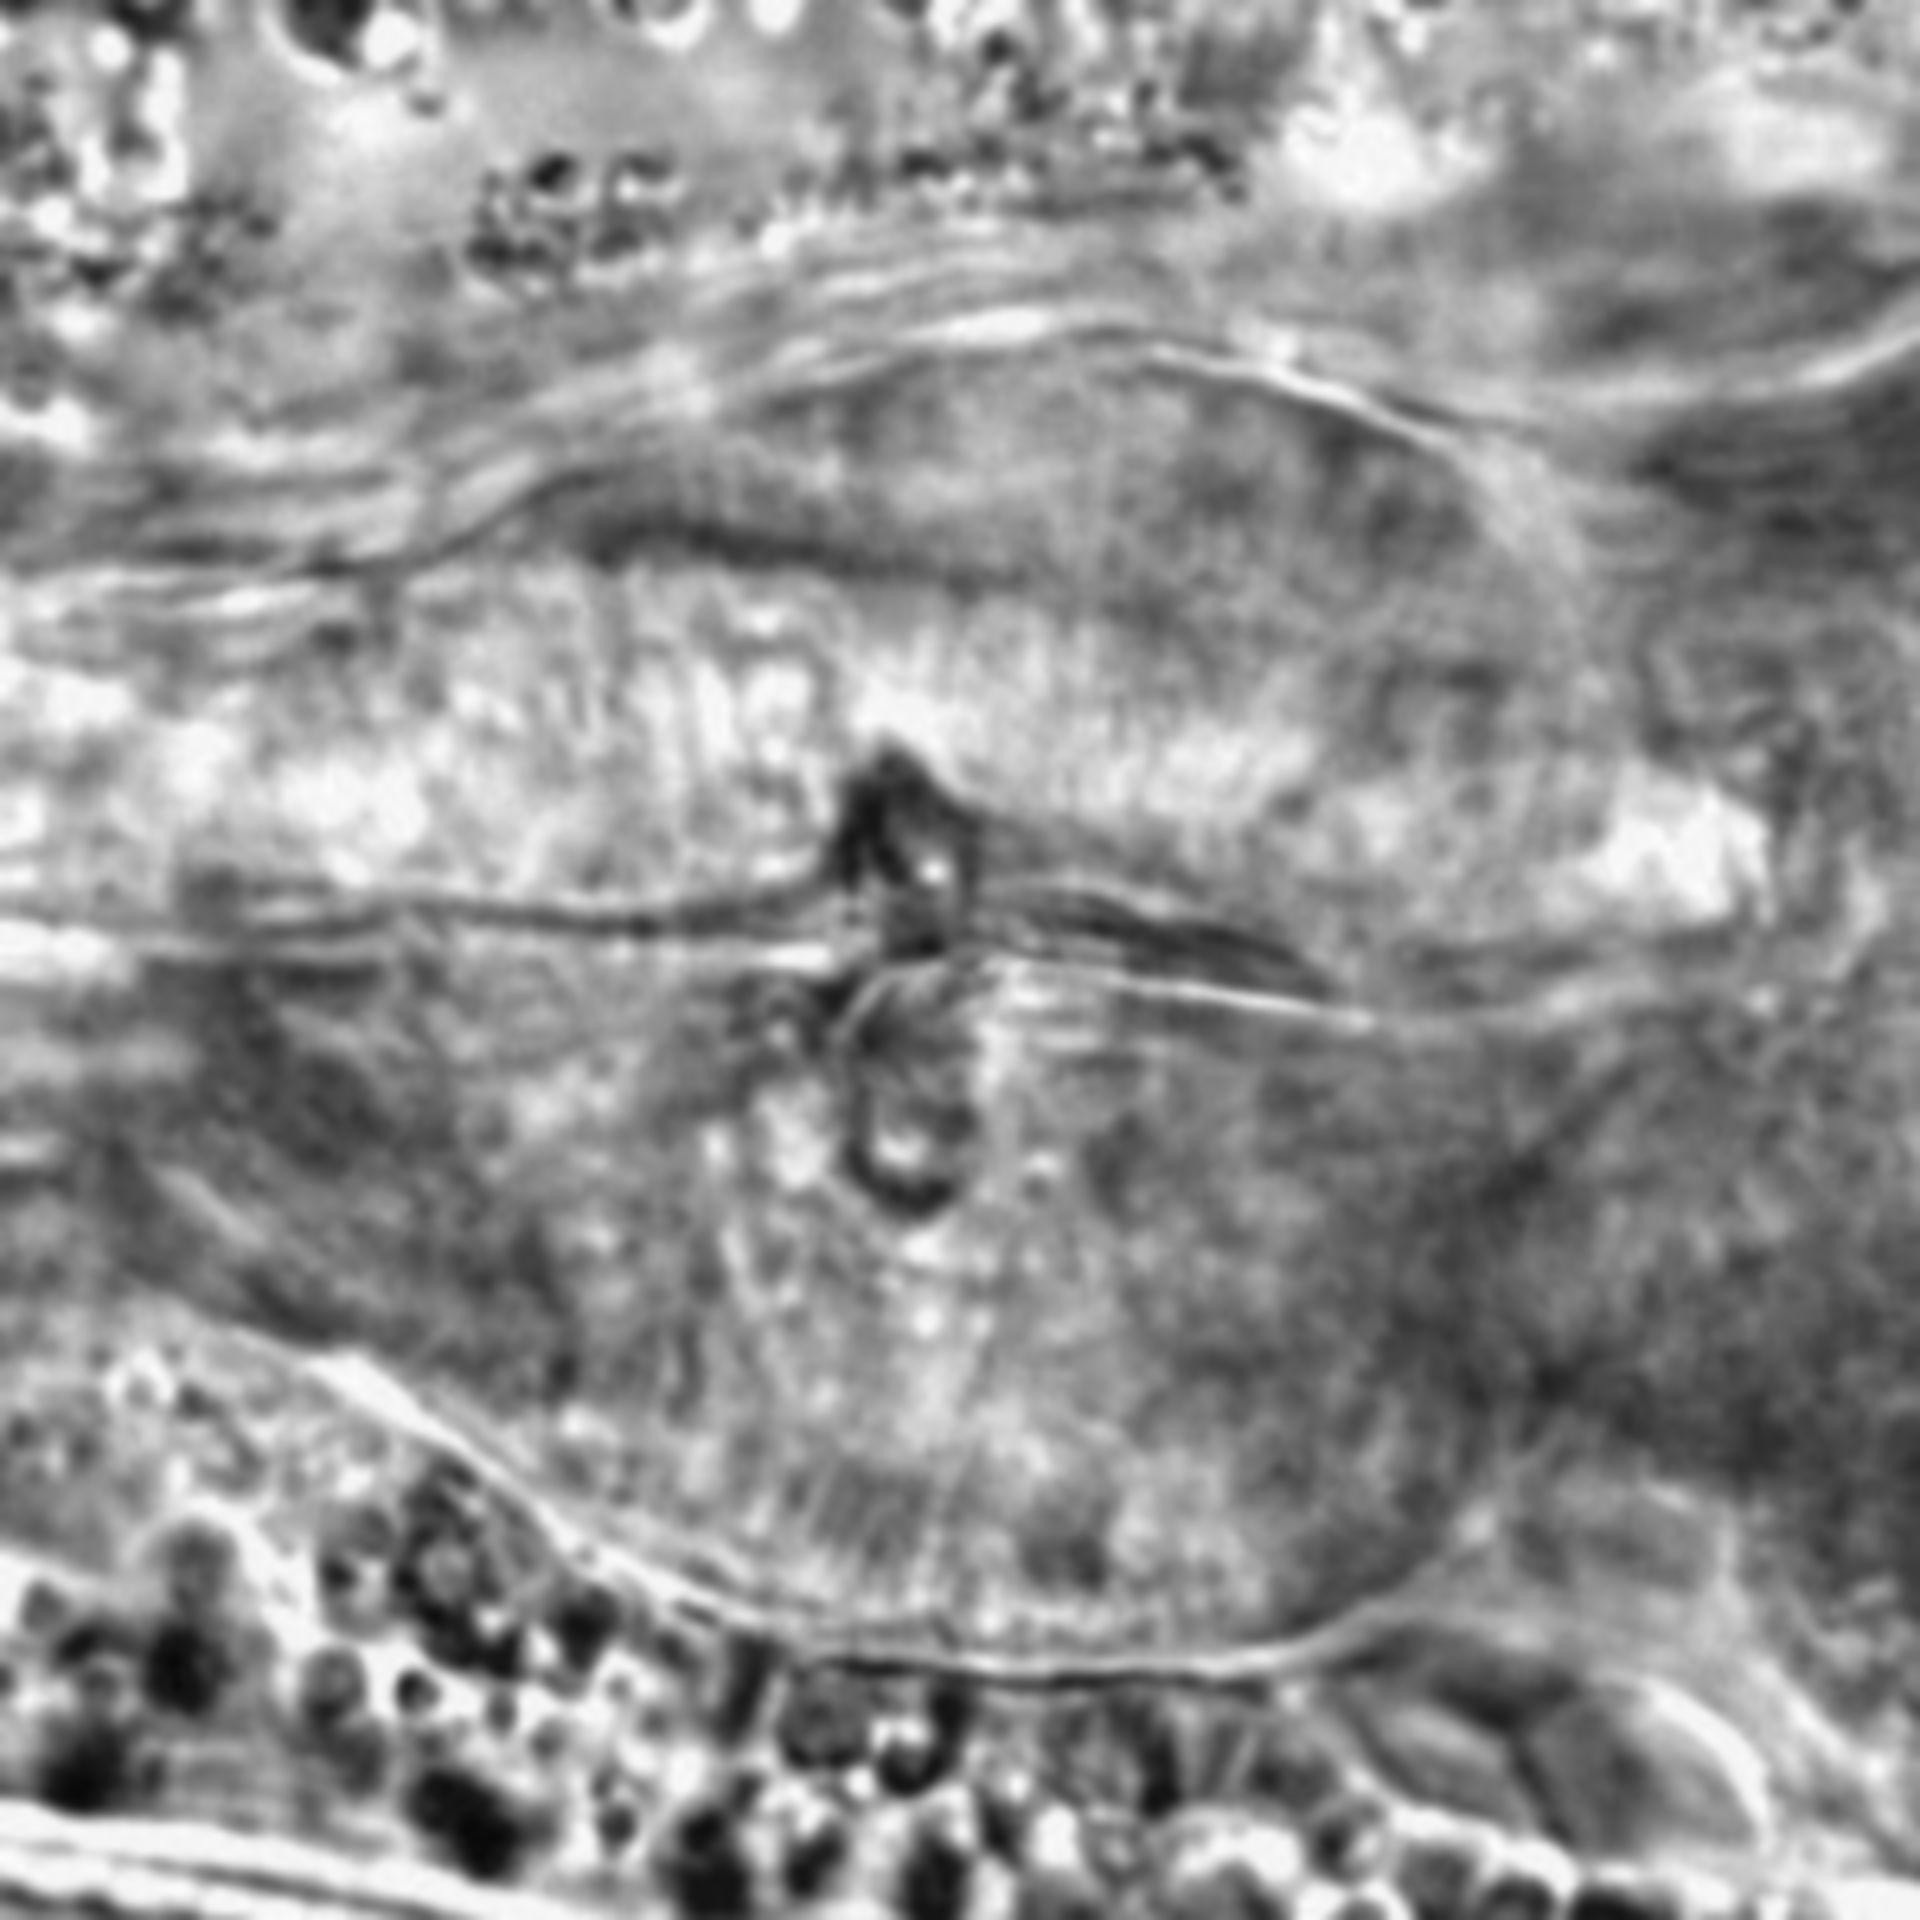 Caenorhabditis elegans - CIL:1719